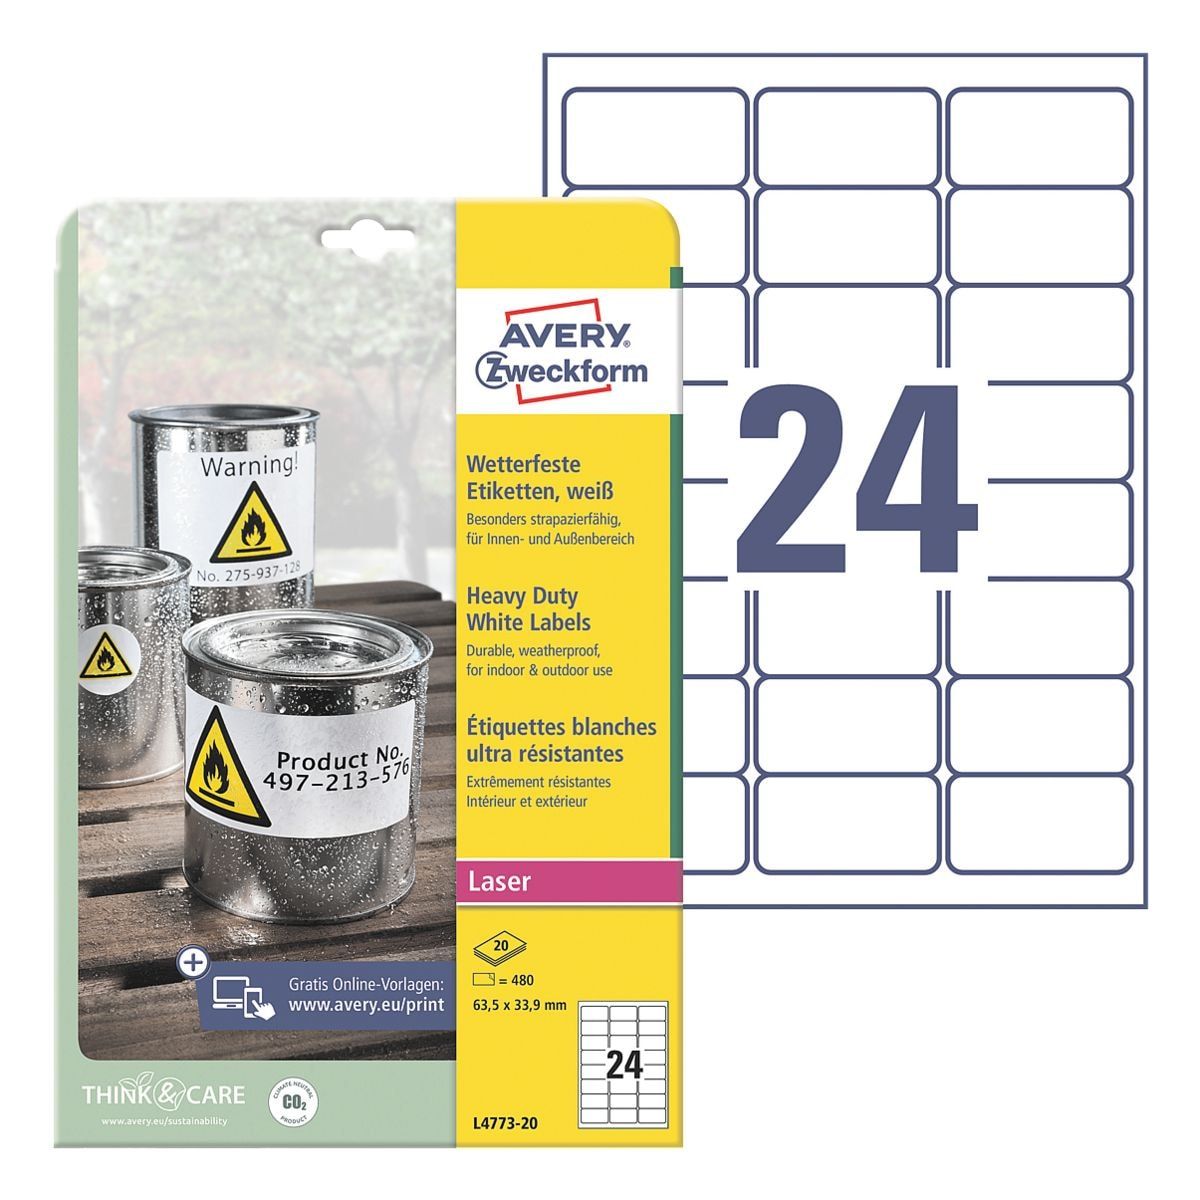 Avery Zweckform Wetterfeste Folien-Etiketten 63,5 x 33,9 mm »L4773-20«